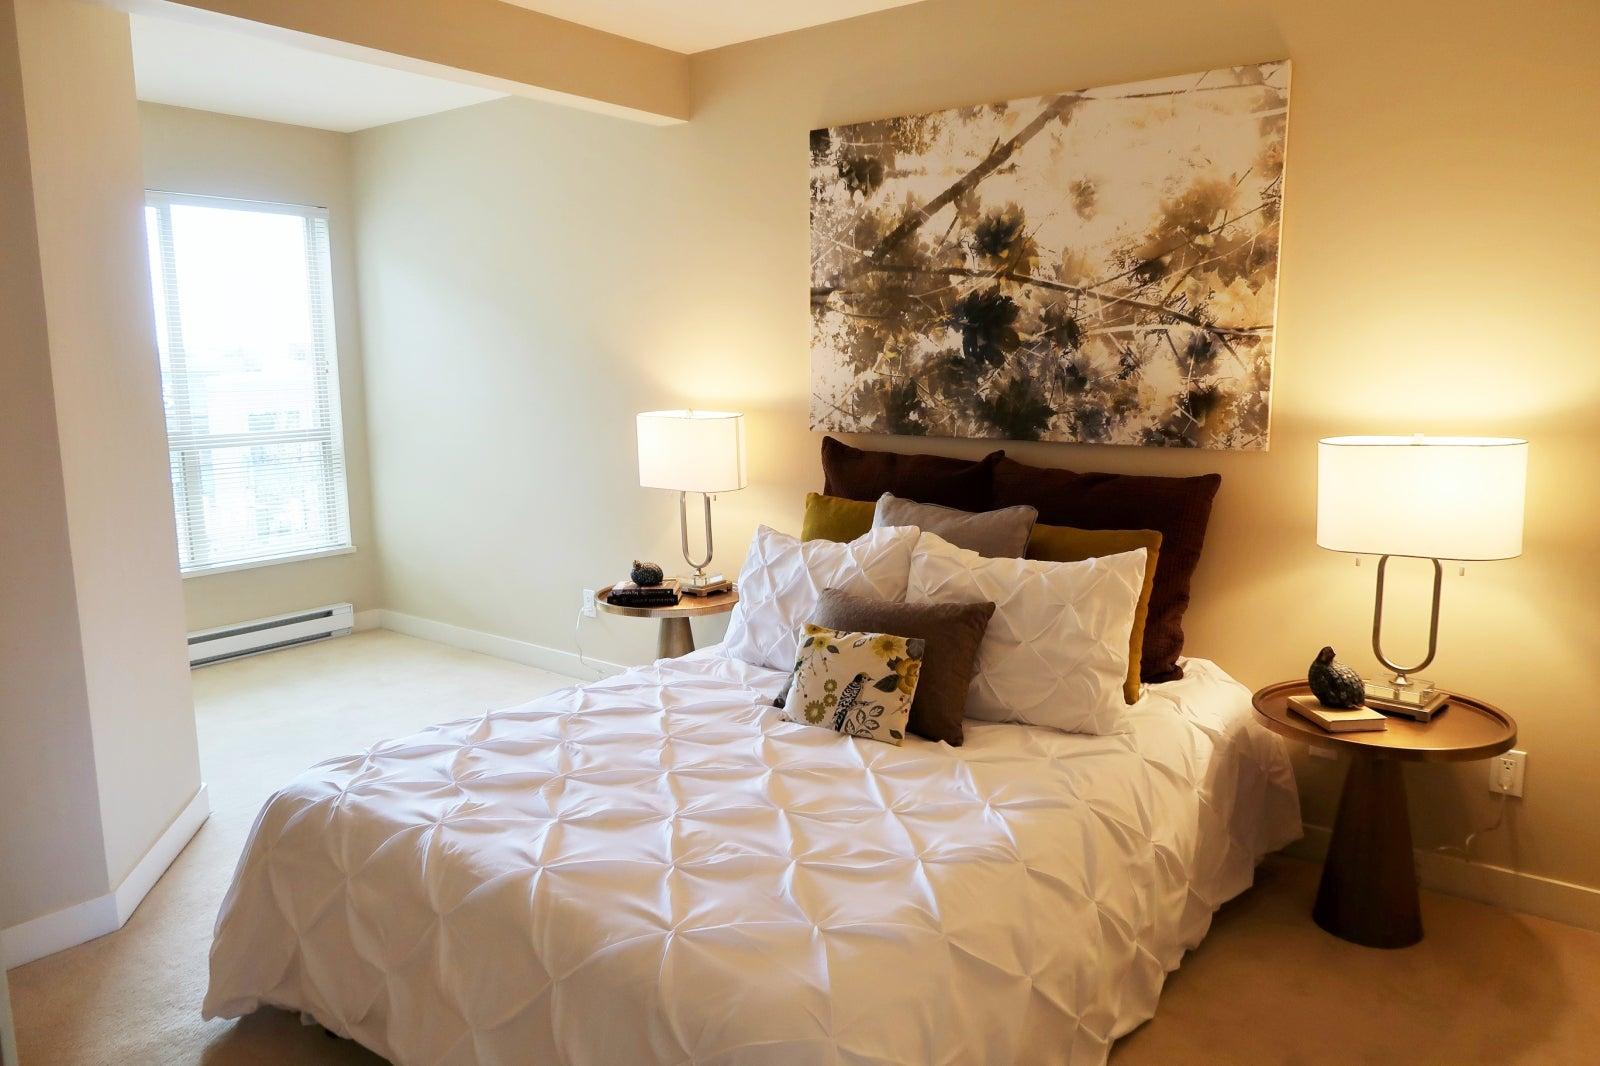 314 1633 MACKAY AVENUE - Pemberton NV Apartment/Condo for sale, 1 Bedroom (R2148211) #13